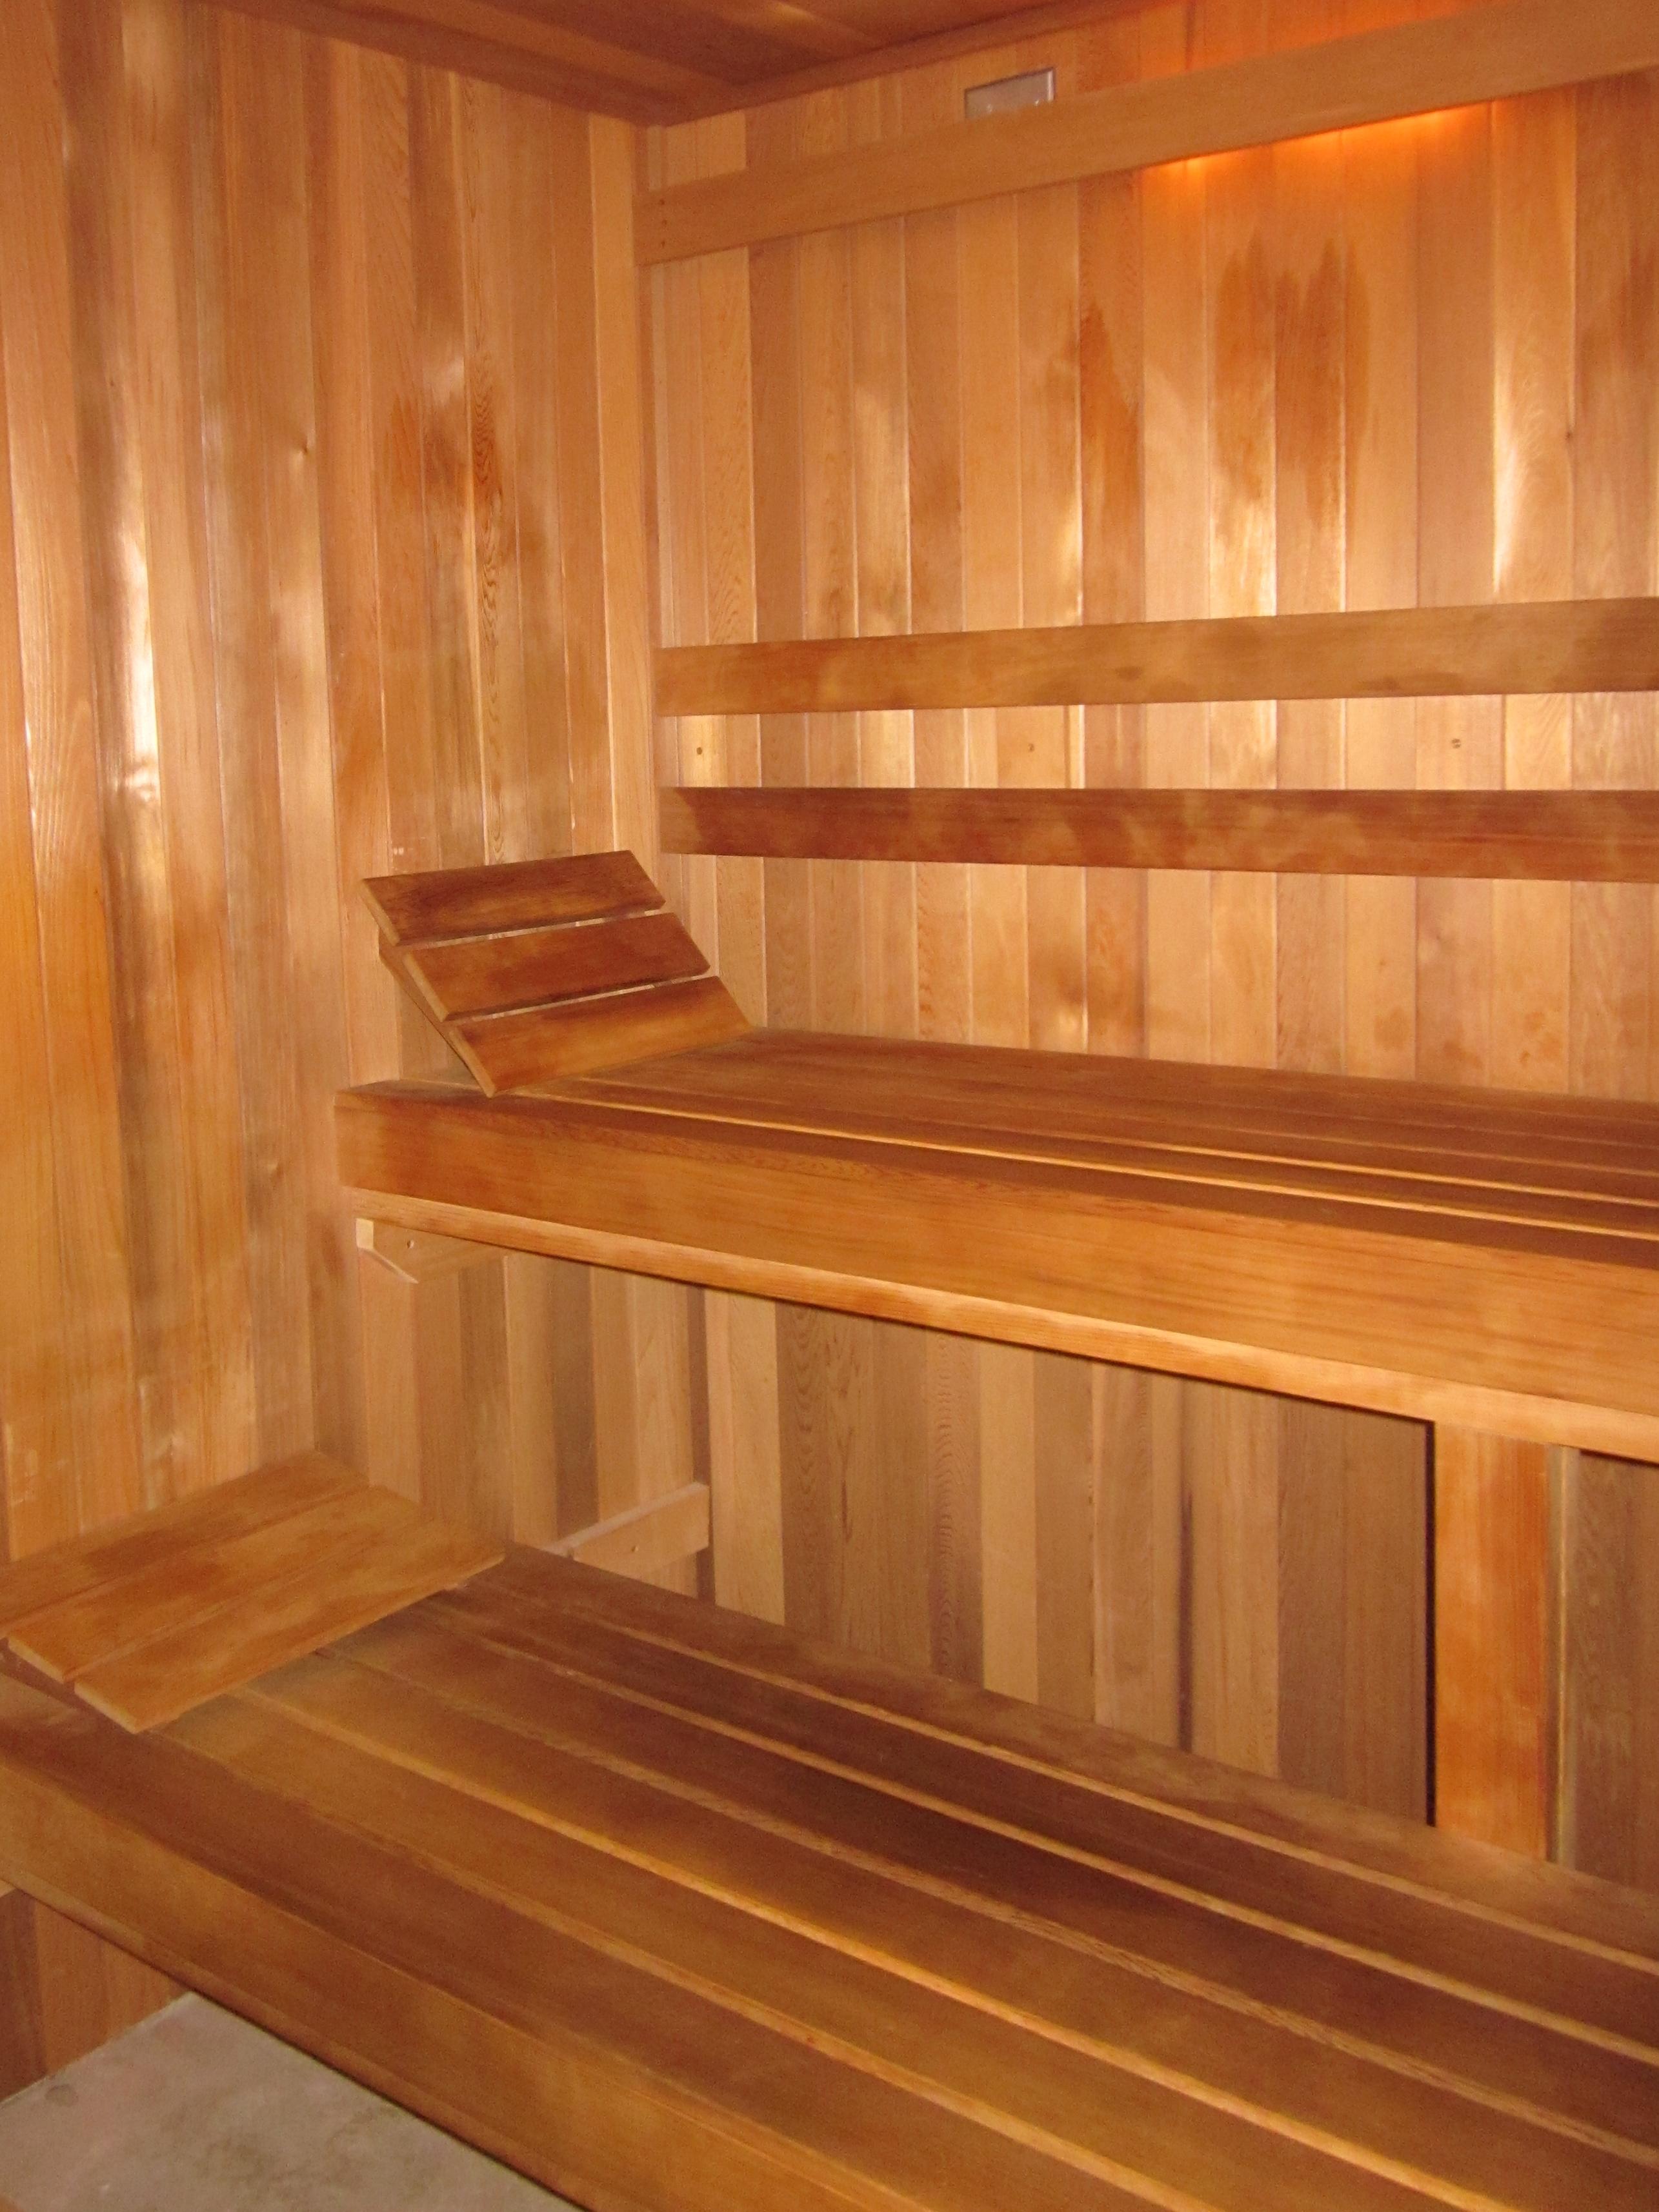 Callaway Gardens Spa sauna